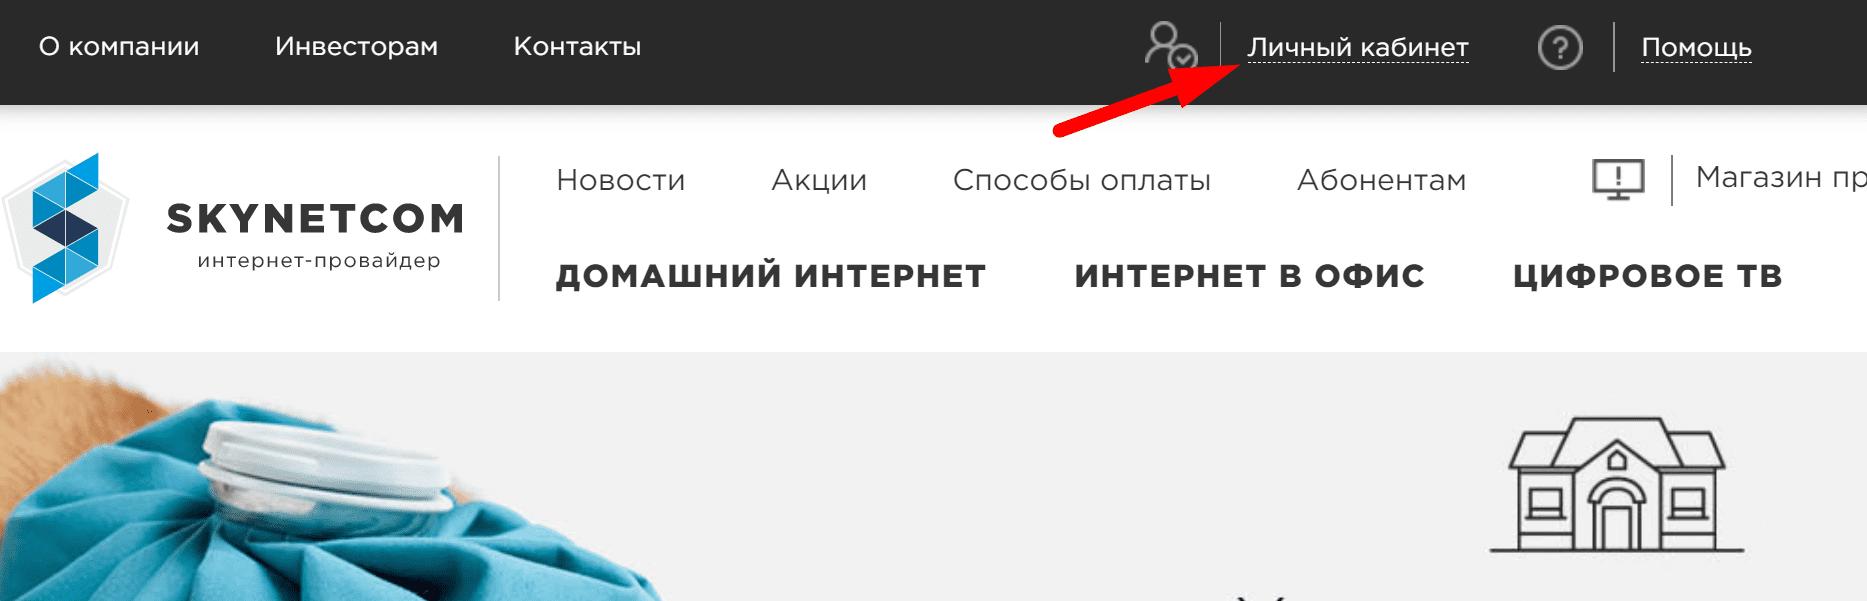 Ссылка на официальный сайт интернет провайдера «Skynetcom»